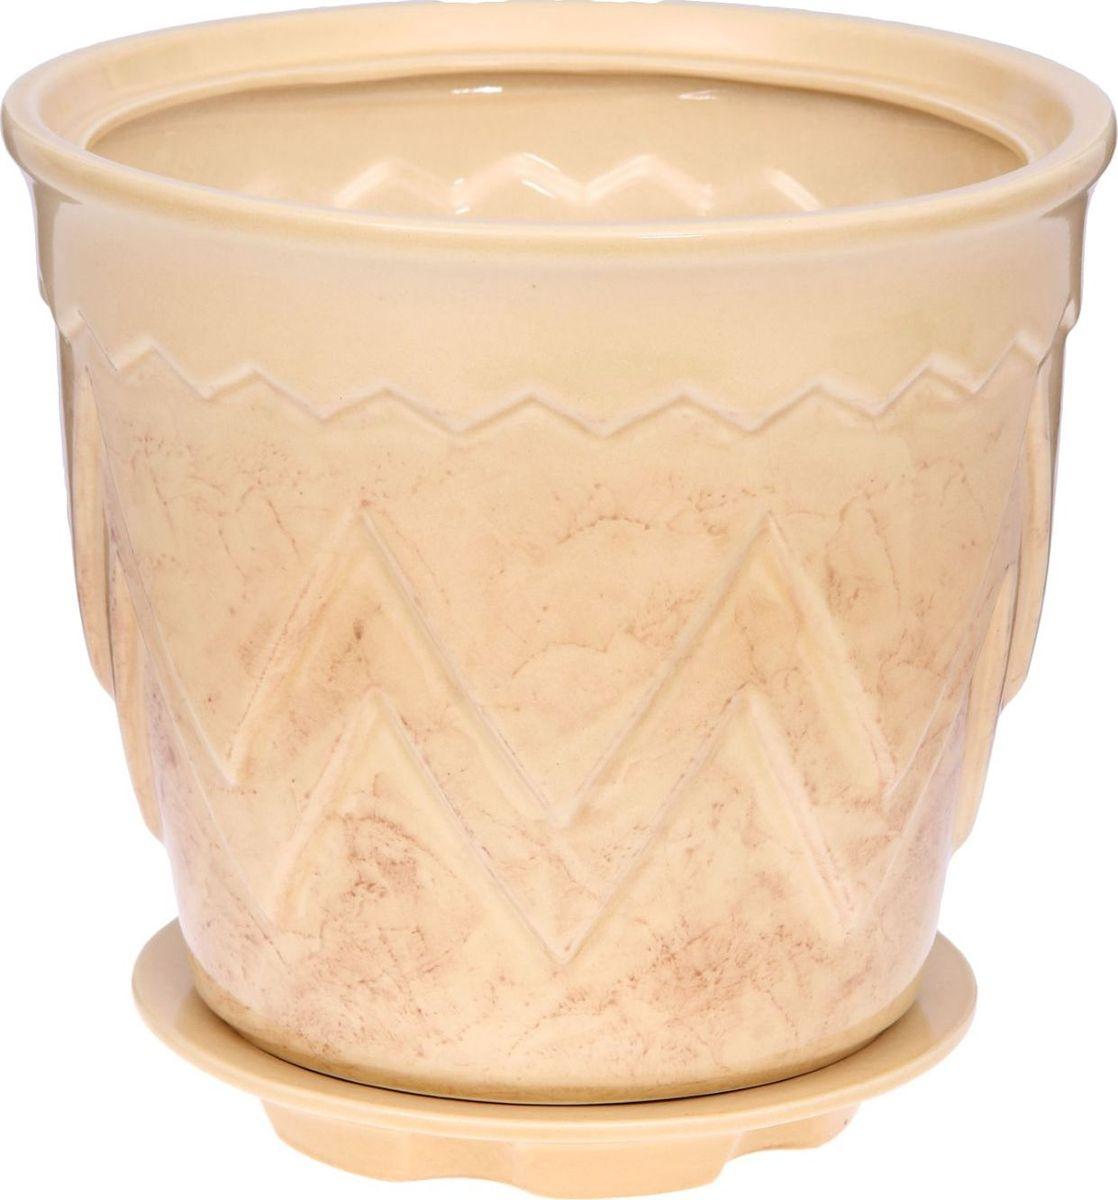 Кашпо Арго, цвет: бежевый, 6 л840806Комнатные растения — всеобщие любимцы. Они радуют глаз, насыщают помещение кислородом и украшают пространство. Каждому из них необходим свой удобный и красивый дом. Кашпо из керамики прекрасно подходят для высадки растений: за счёт пластичности глины и разных способов обработки существует великое множество форм и дизайновпористый материал позволяет испаряться лишней влагевоздух, необходимый для дыхания корней, проникает сквозь керамические стенки! #name# позаботится о зелёном питомце, освежит интерьер и подчеркнёт его стиль.